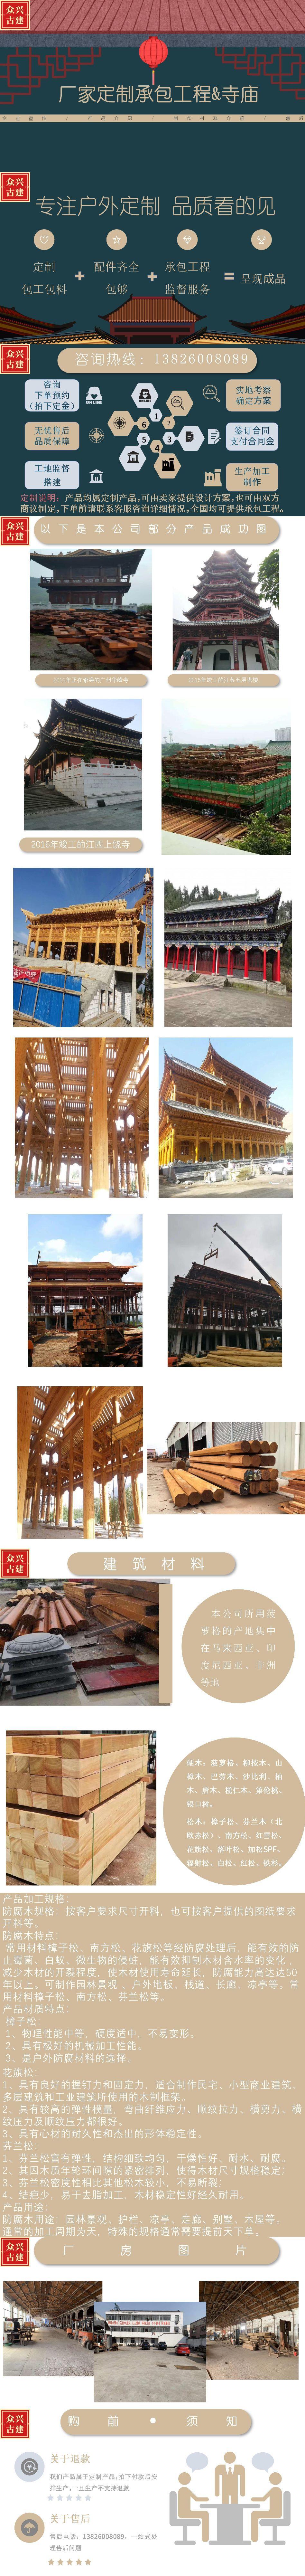 古木建筑寺庙01.jpg